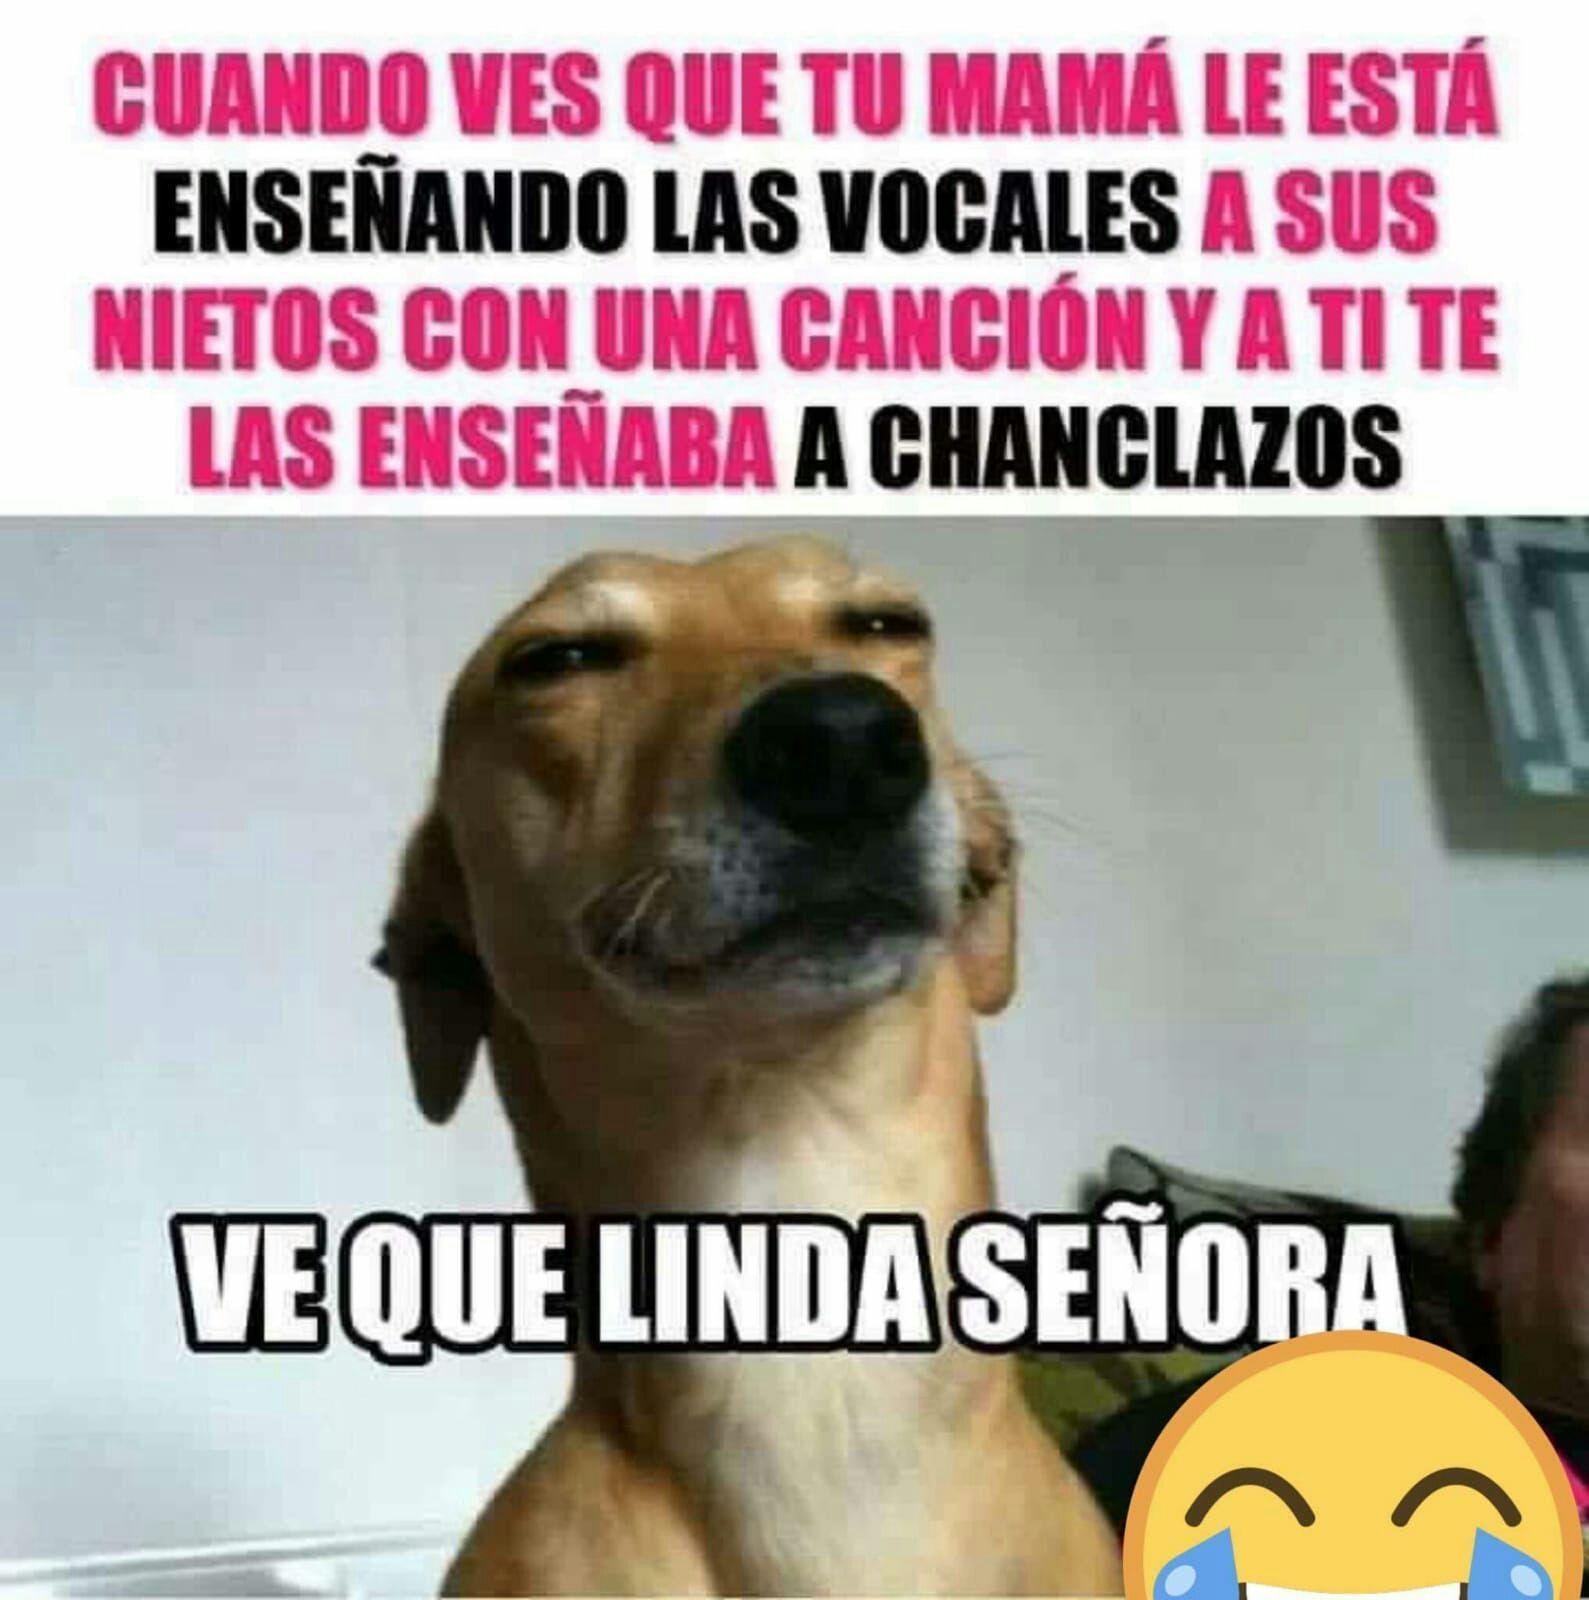 Resultado De Imagen Para Firulais El Perro Dios Meme Imagenes Divertidas De Animales Memes Divertidos Sobre Perros Humor Divertido Sobre Animales